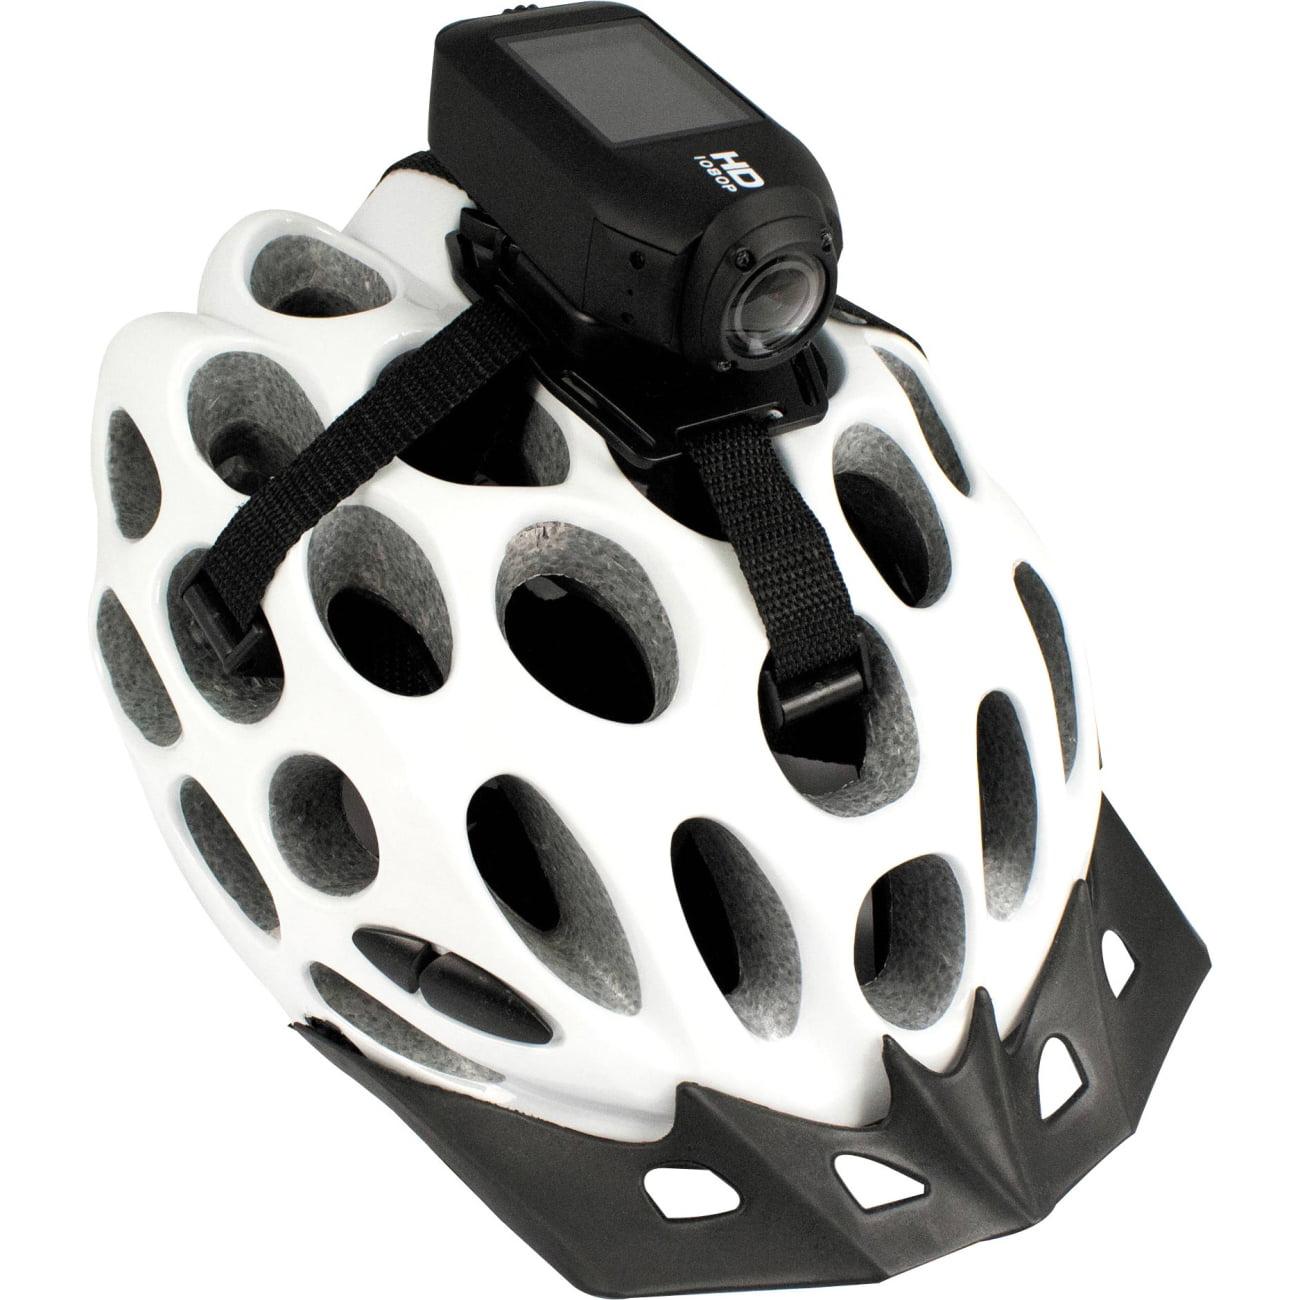 Drift Innovations Inc. 30-019-00 Drift Vented Helmet Mount by Drift Innovations